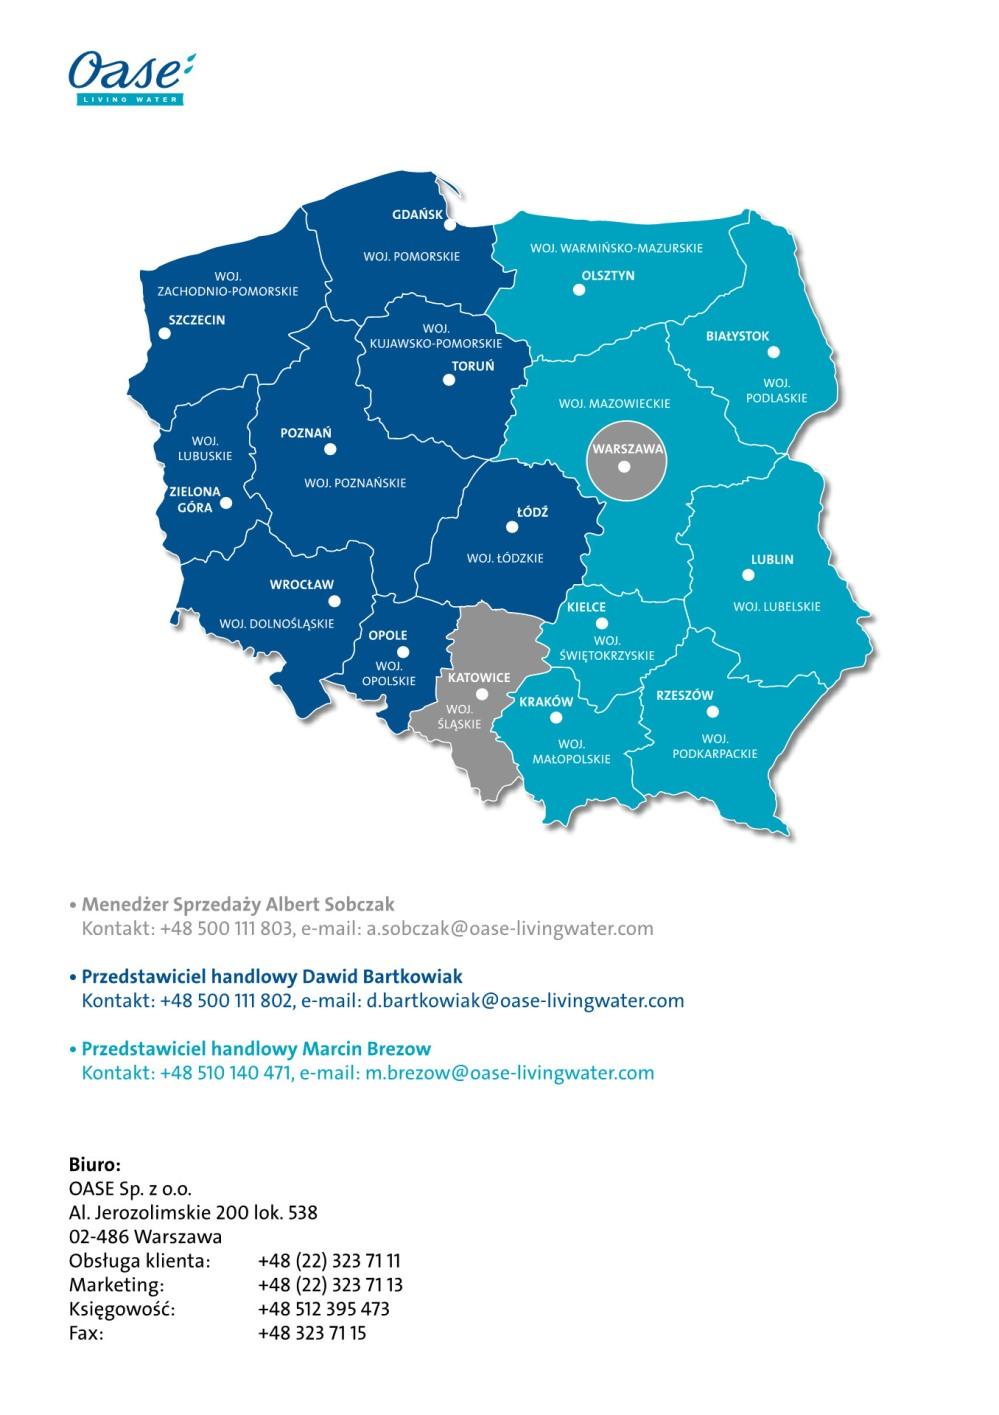 Oase polska sieć i zasięg obsługi handlowej profesjonalistów z zakresu oczek wodnych, oczek kąpielowych ,fontann i kaskad ,fontann multimedialnych